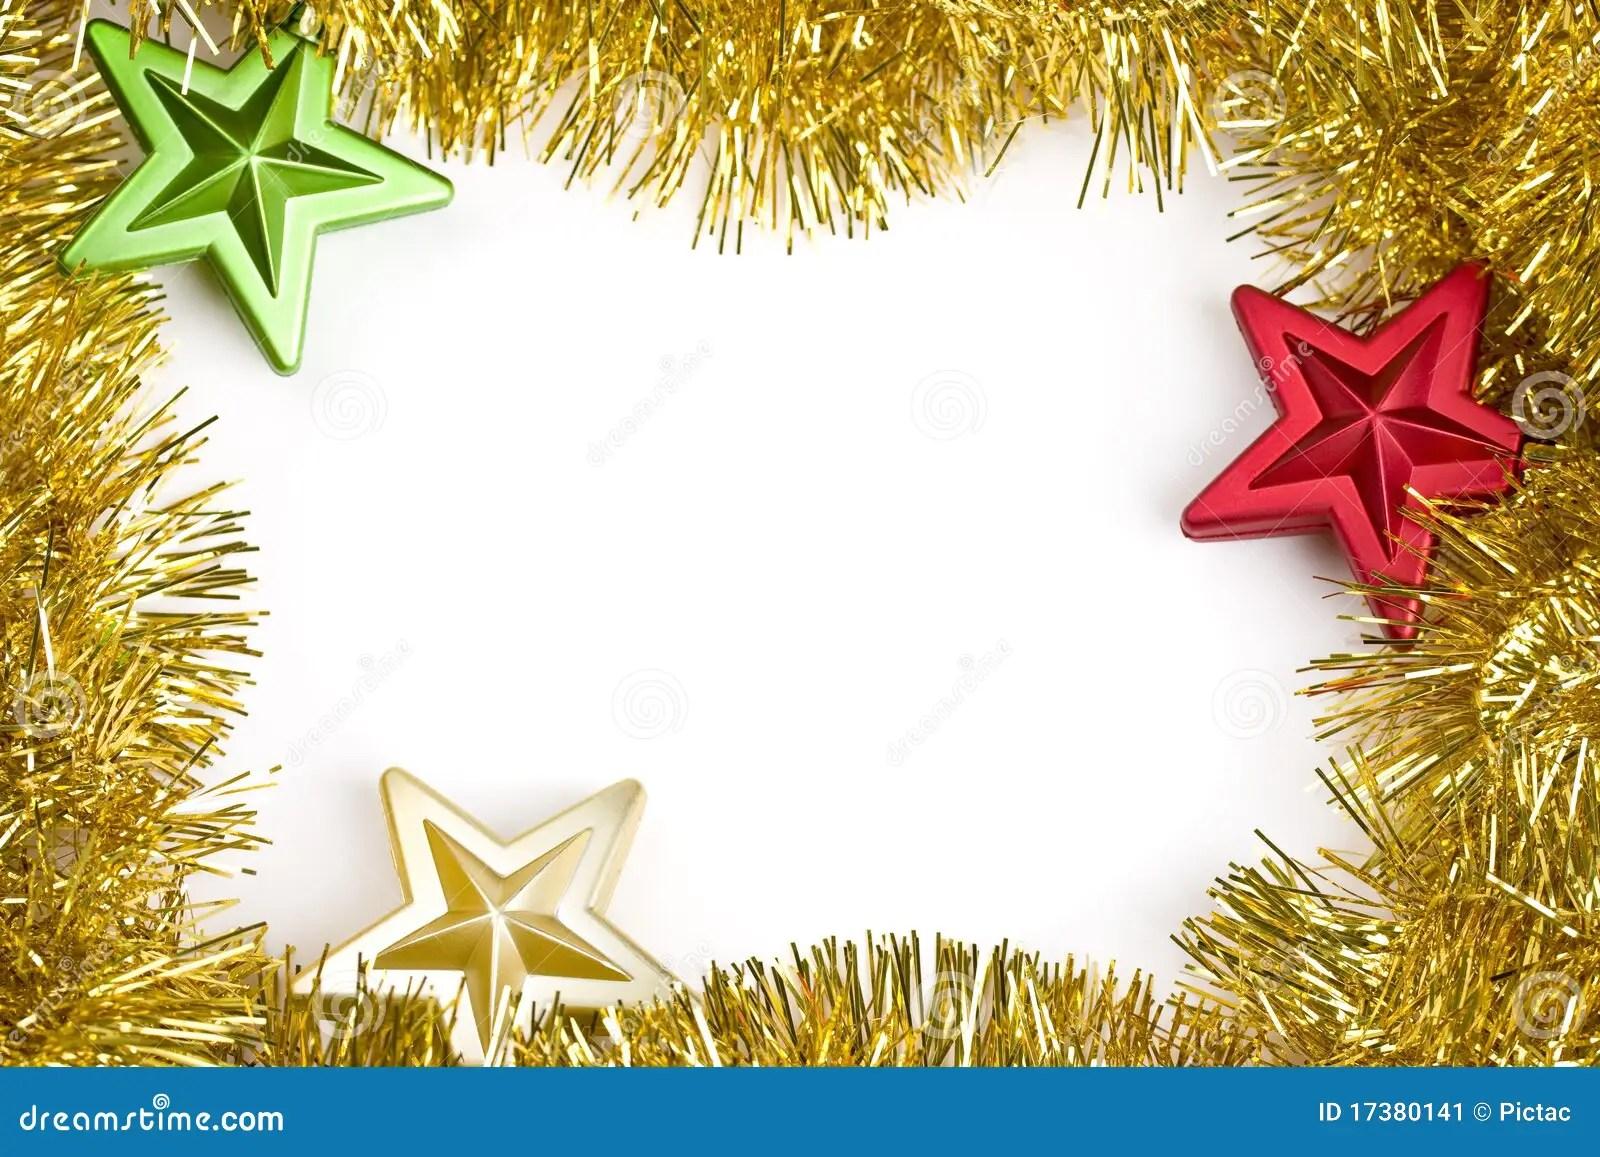 Christmas Garland Frame Stock Image Image 17380141